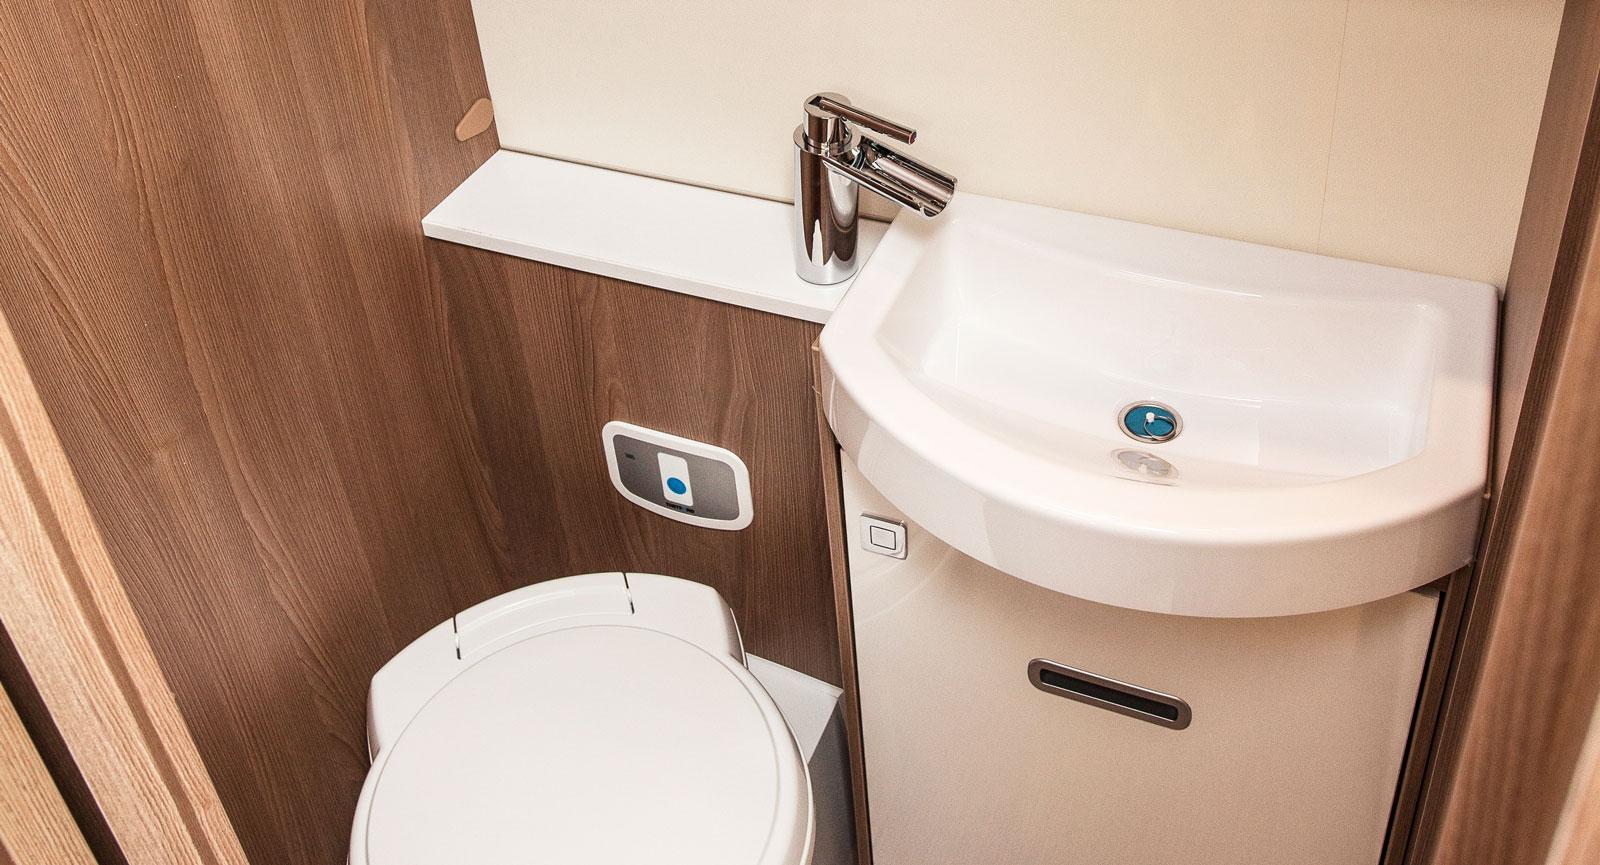 Det som liknar ett brevinkast i badrumsskåpet är ämnat för toapappret eftersom rullen döljs innanför skåpet. Smart!